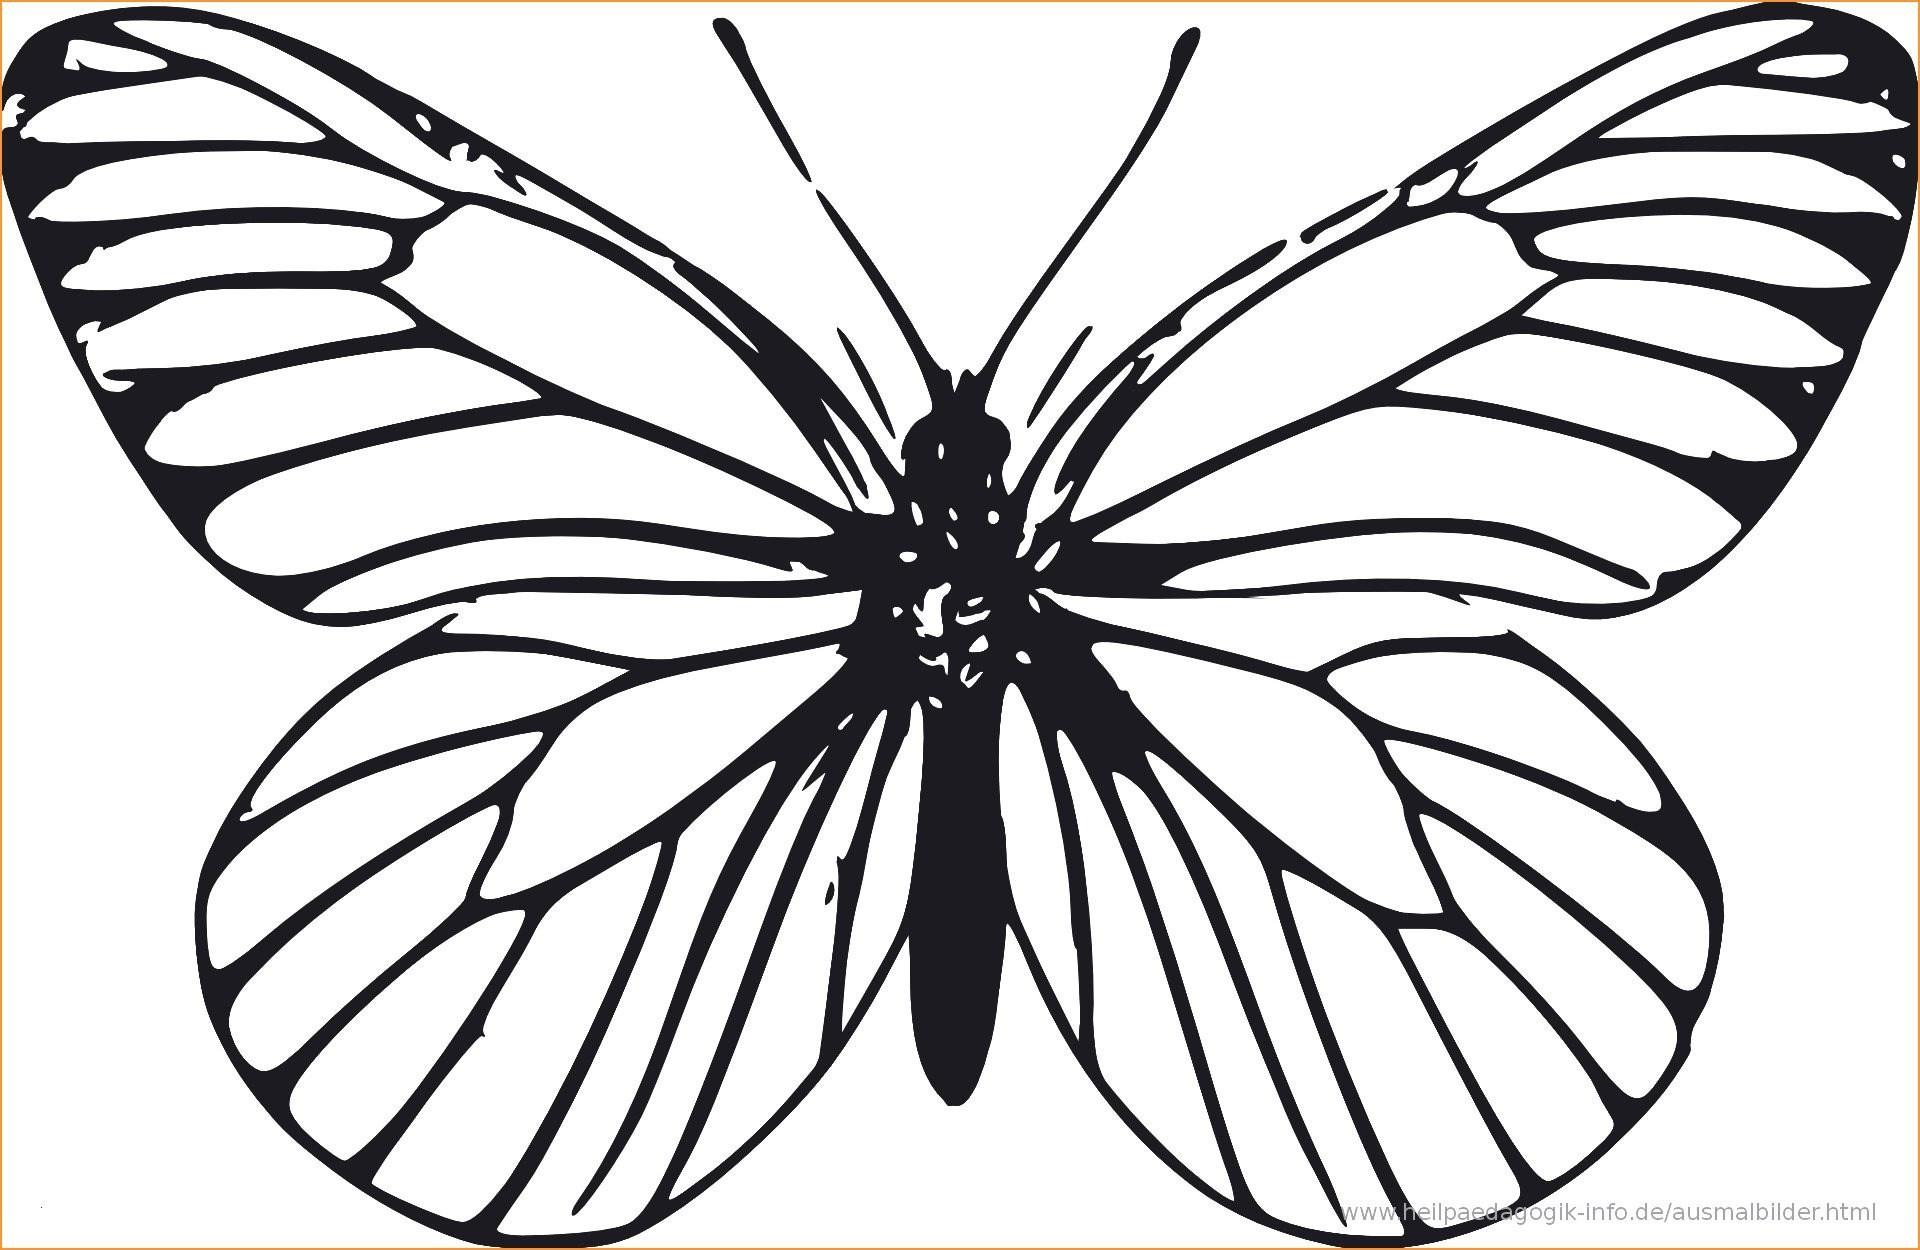 Schmetterling Bilder Zum Ausmalen Das Beste Von Schmetterling Elefant Spiel Reizvolle 35 Schmetterling Ausmalbilder Galerie